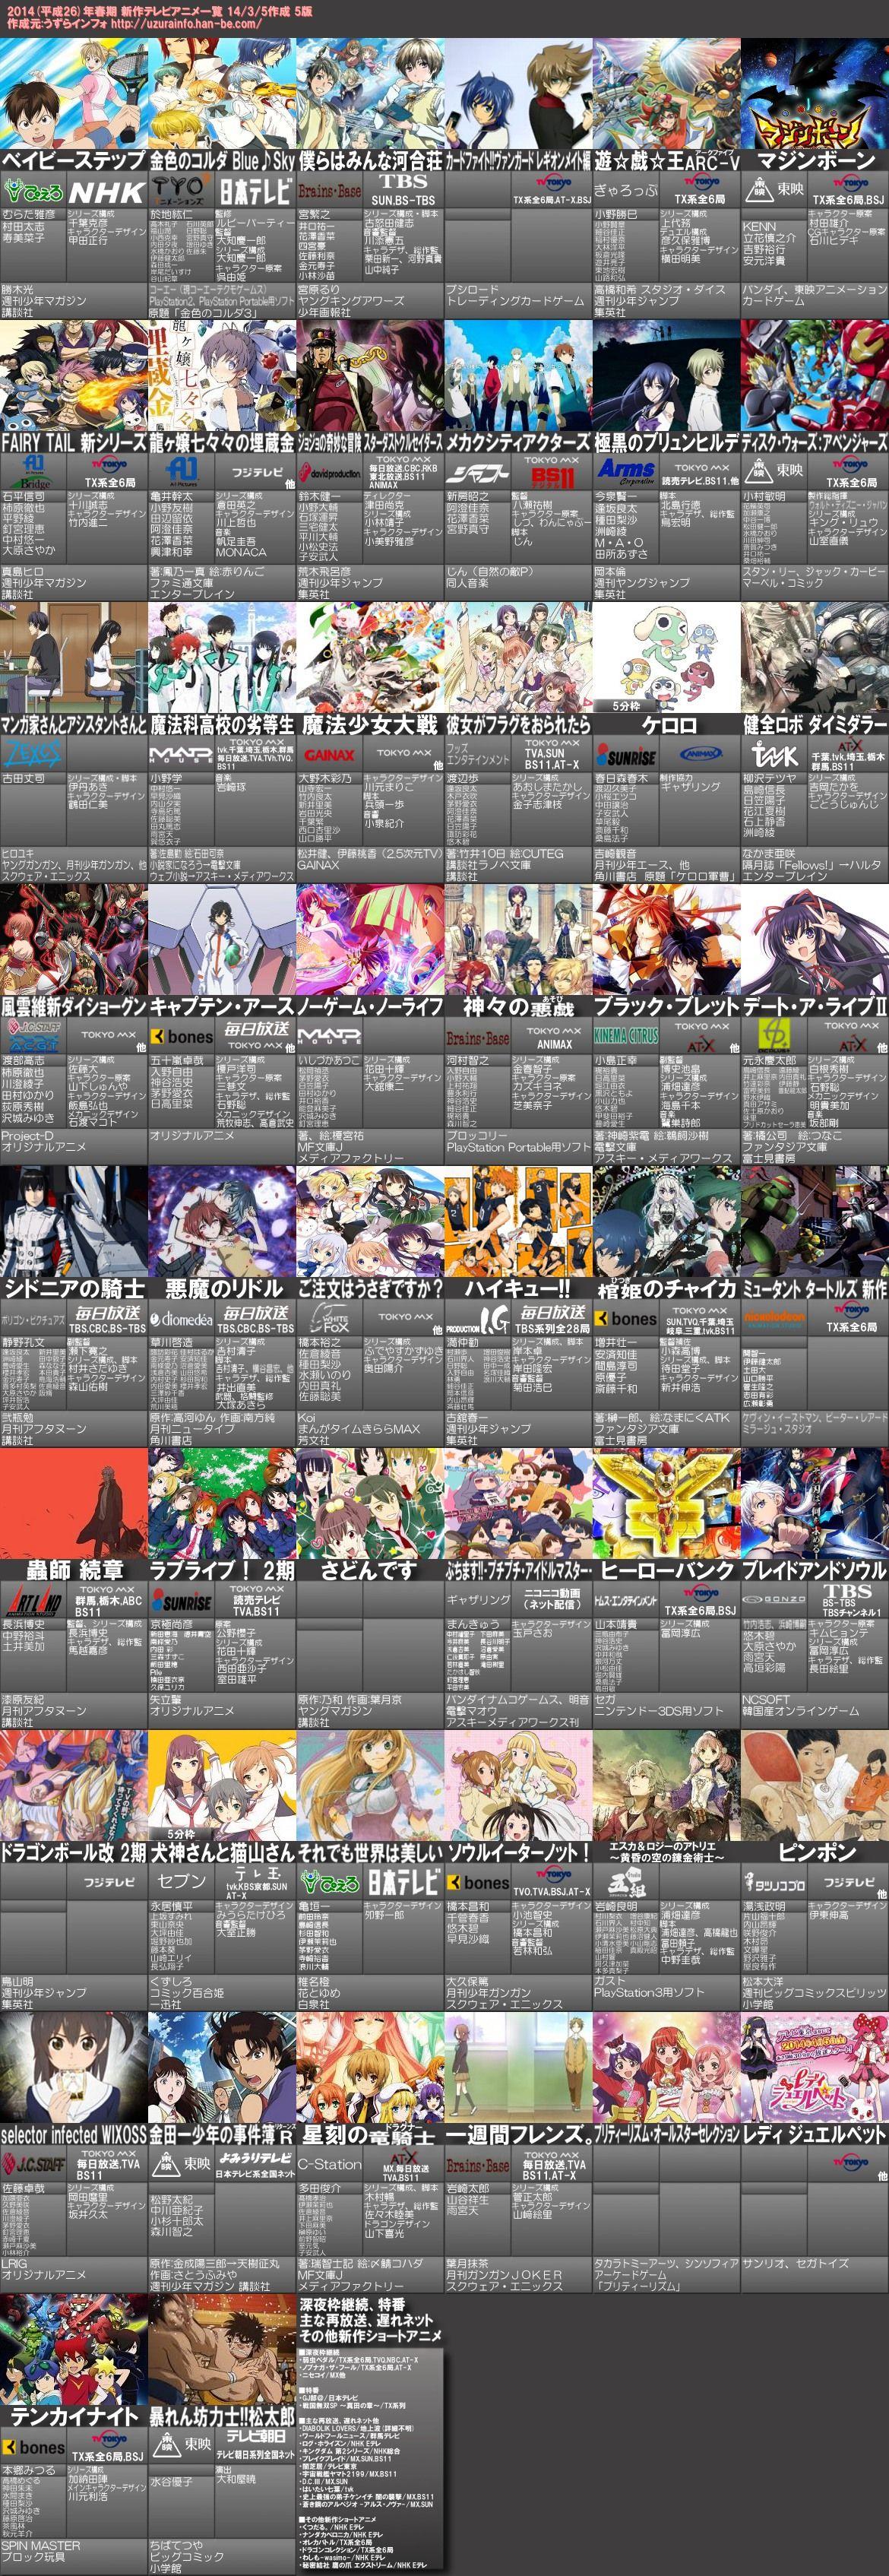 anime2014